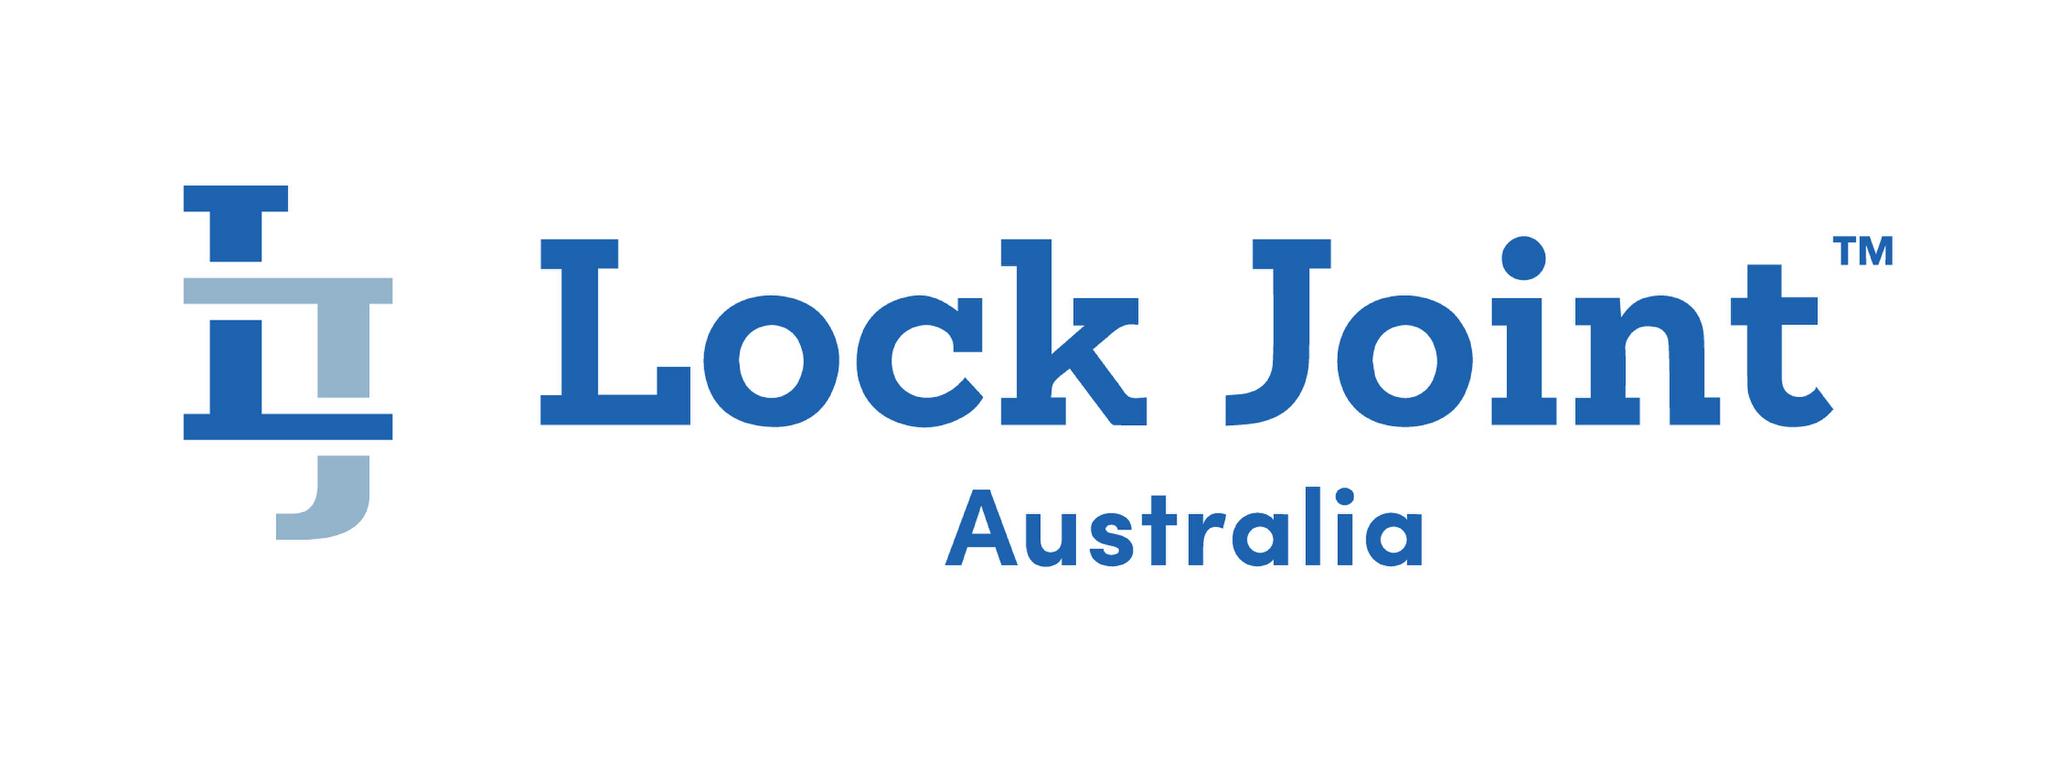 Lock Joint Australia